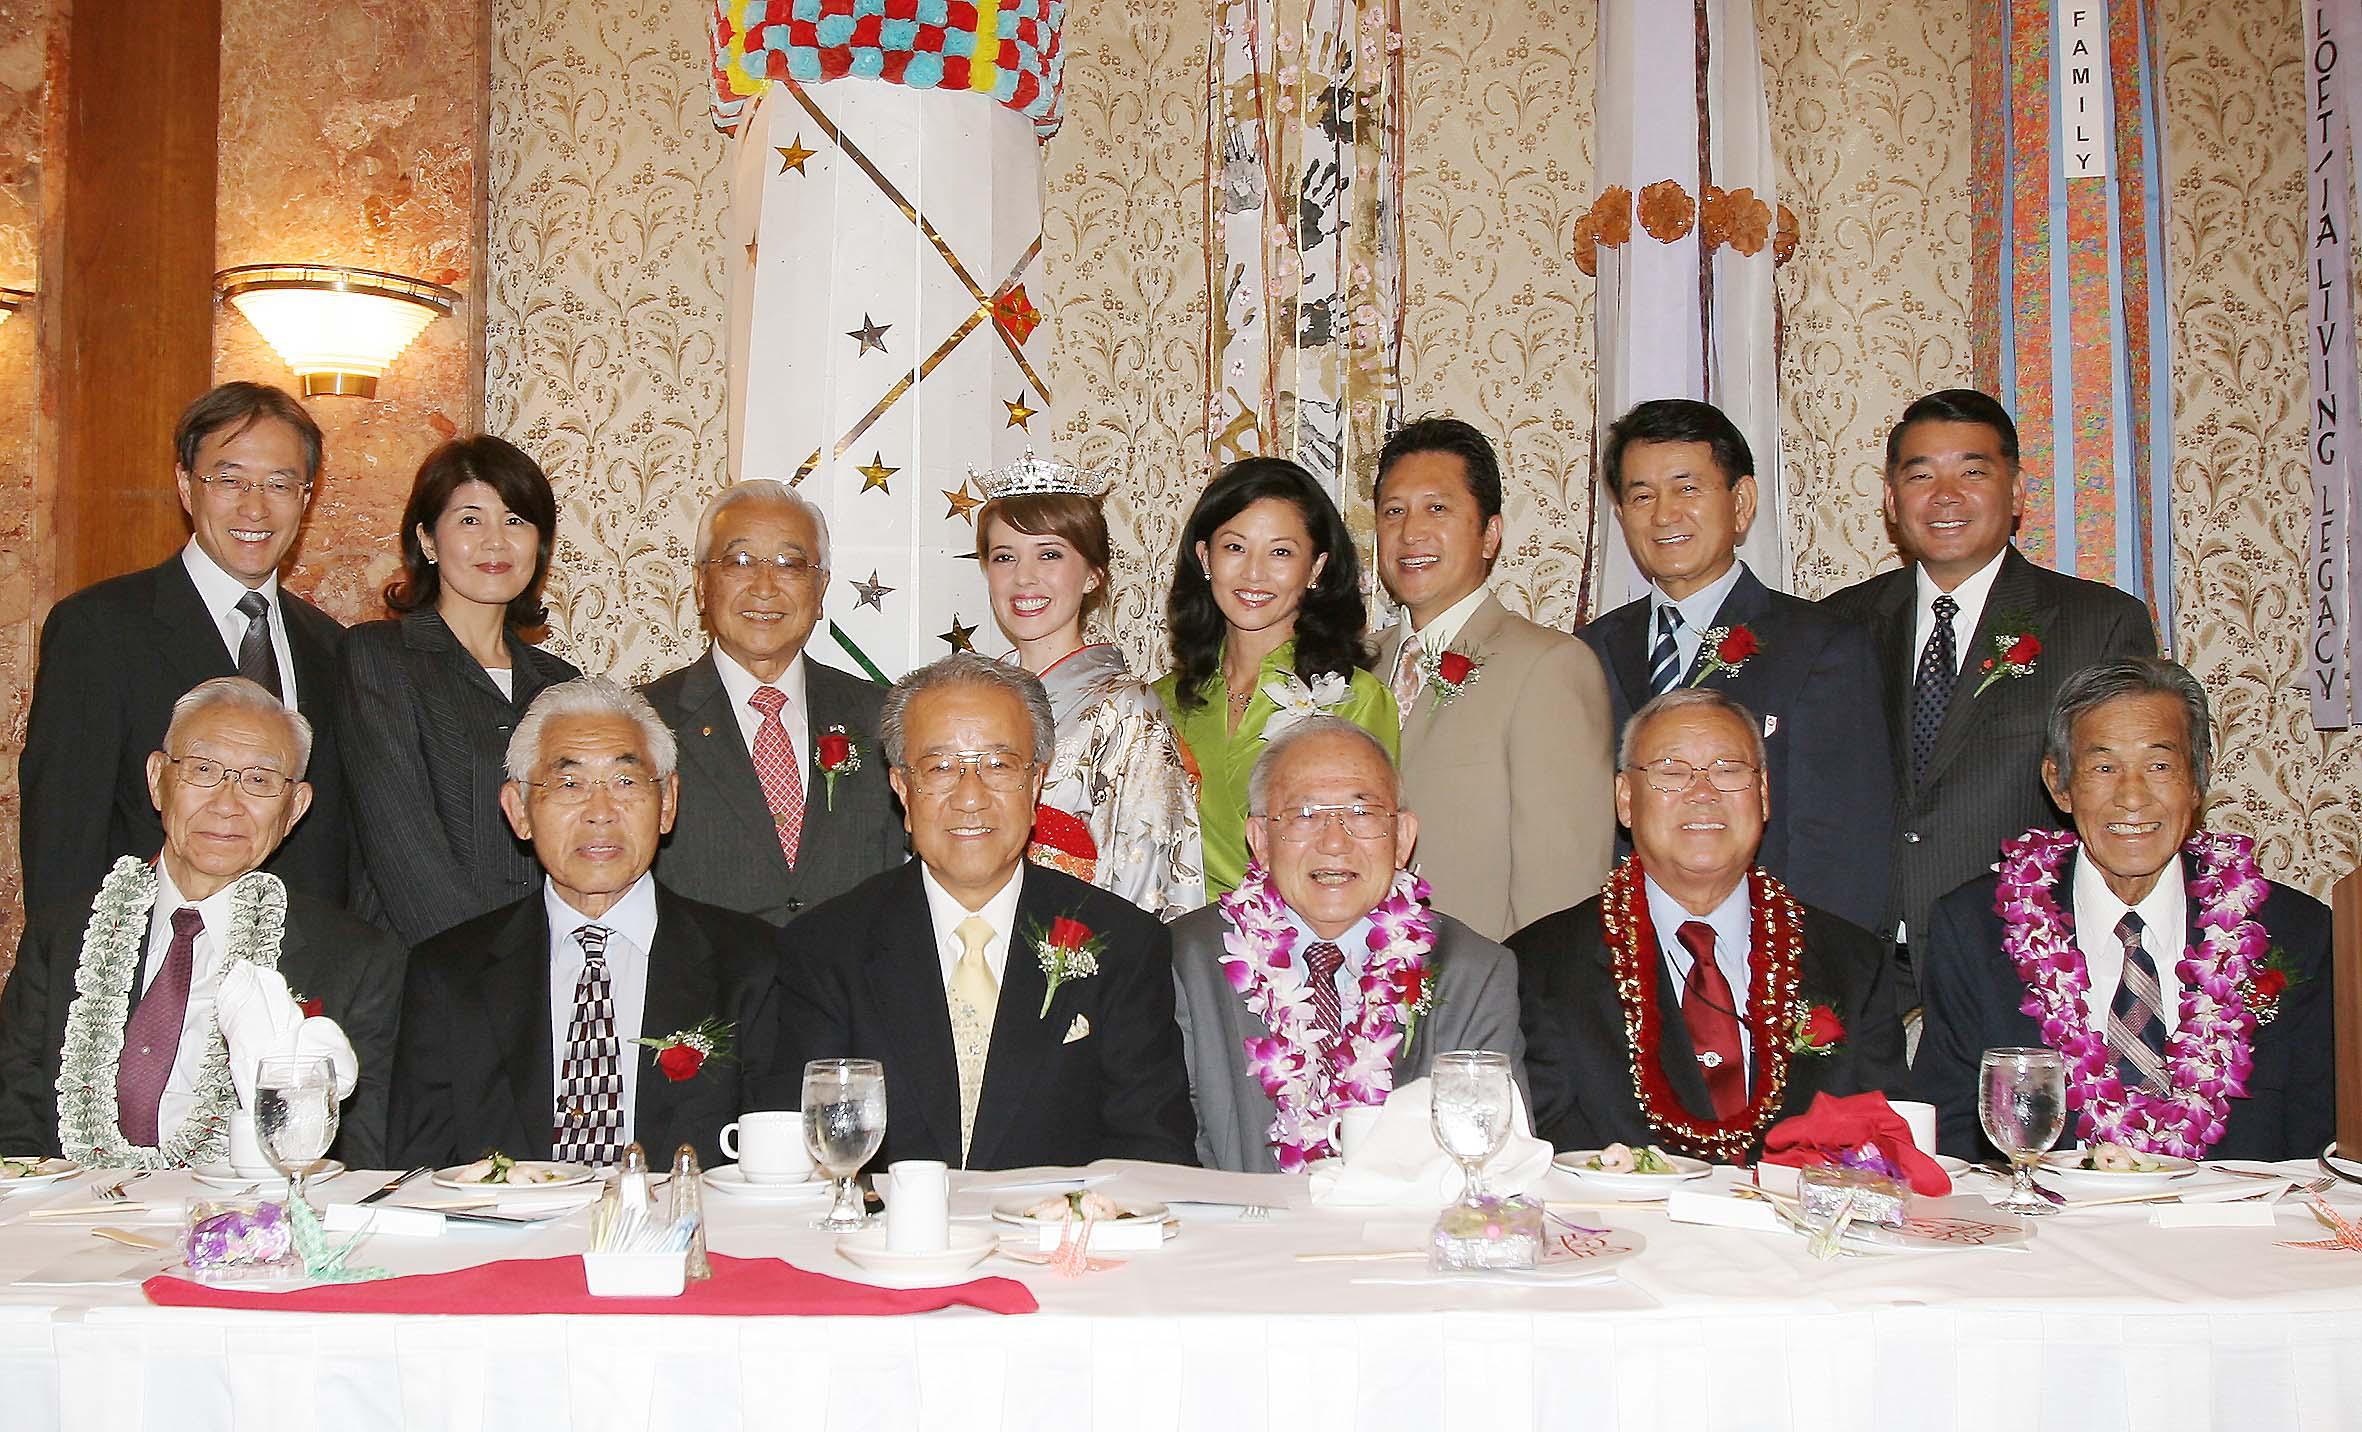 受賞者(前列)と来賓、関係者ら。受賞者は左から、山口さん、シシノさん、中村さん、カワラタニさん、松林さん、大森さん。後列左端が伊原総領事、右端がハラ二世週祭実行委員長